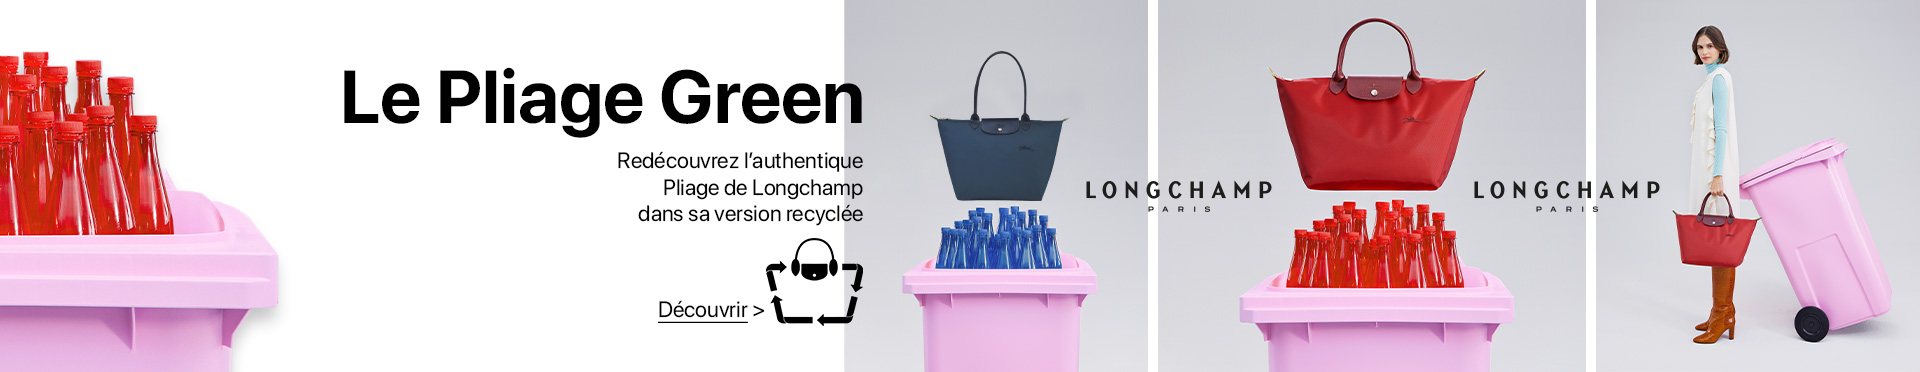 Le Pliage Green Longchamp